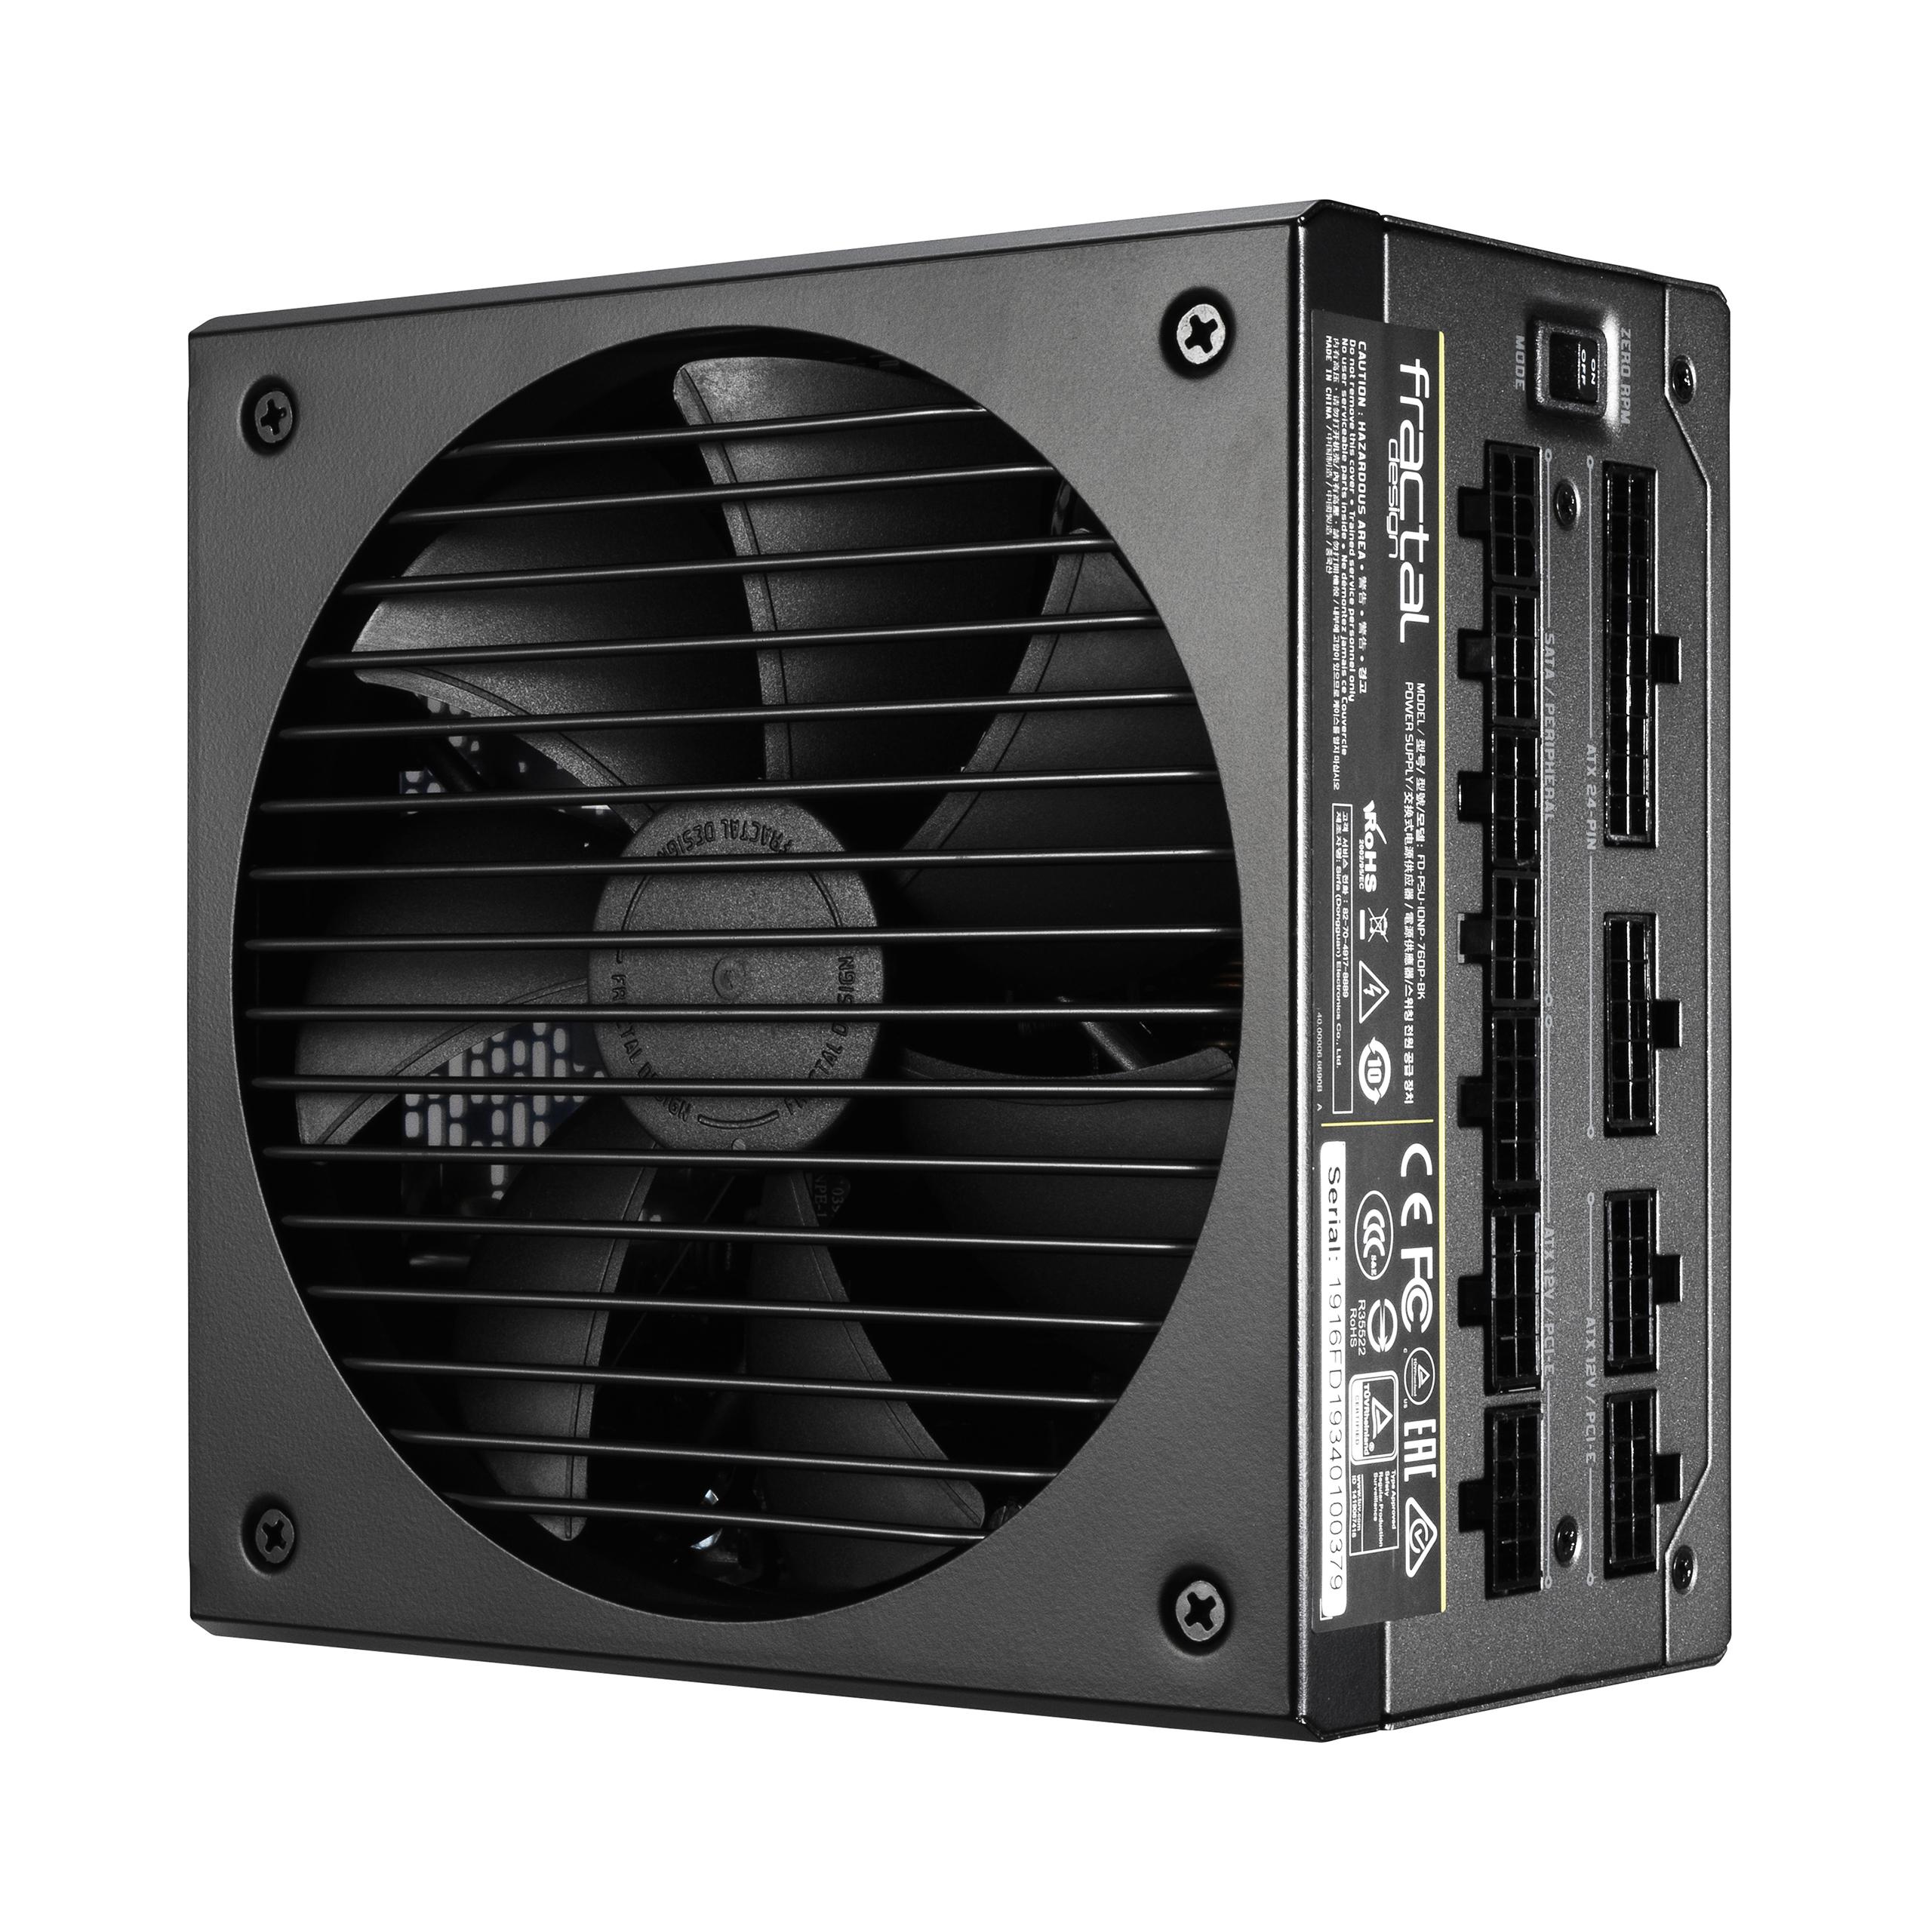 Alimentation PC modulaire Fractal Design Ion+ - 760W, 80+ Platinum (gamegear.be)